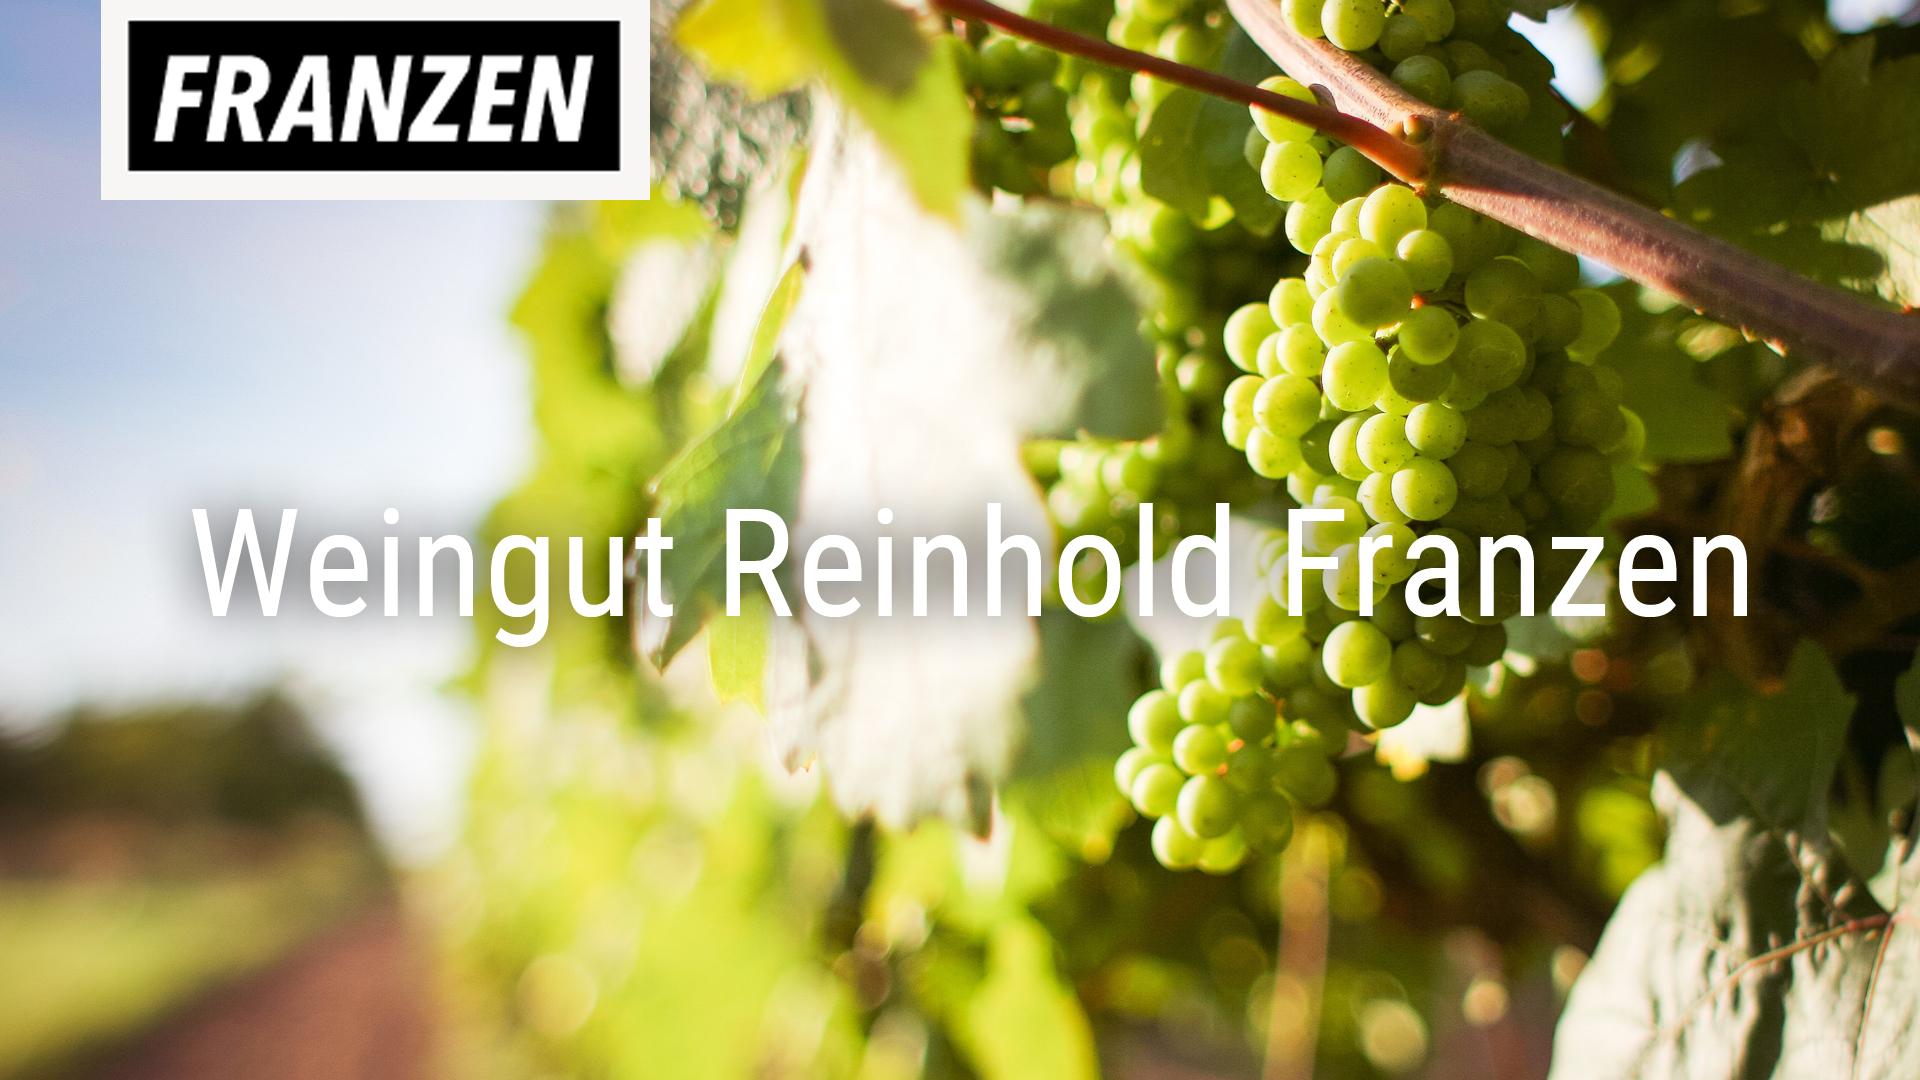 Weingut Reinhold Franzen